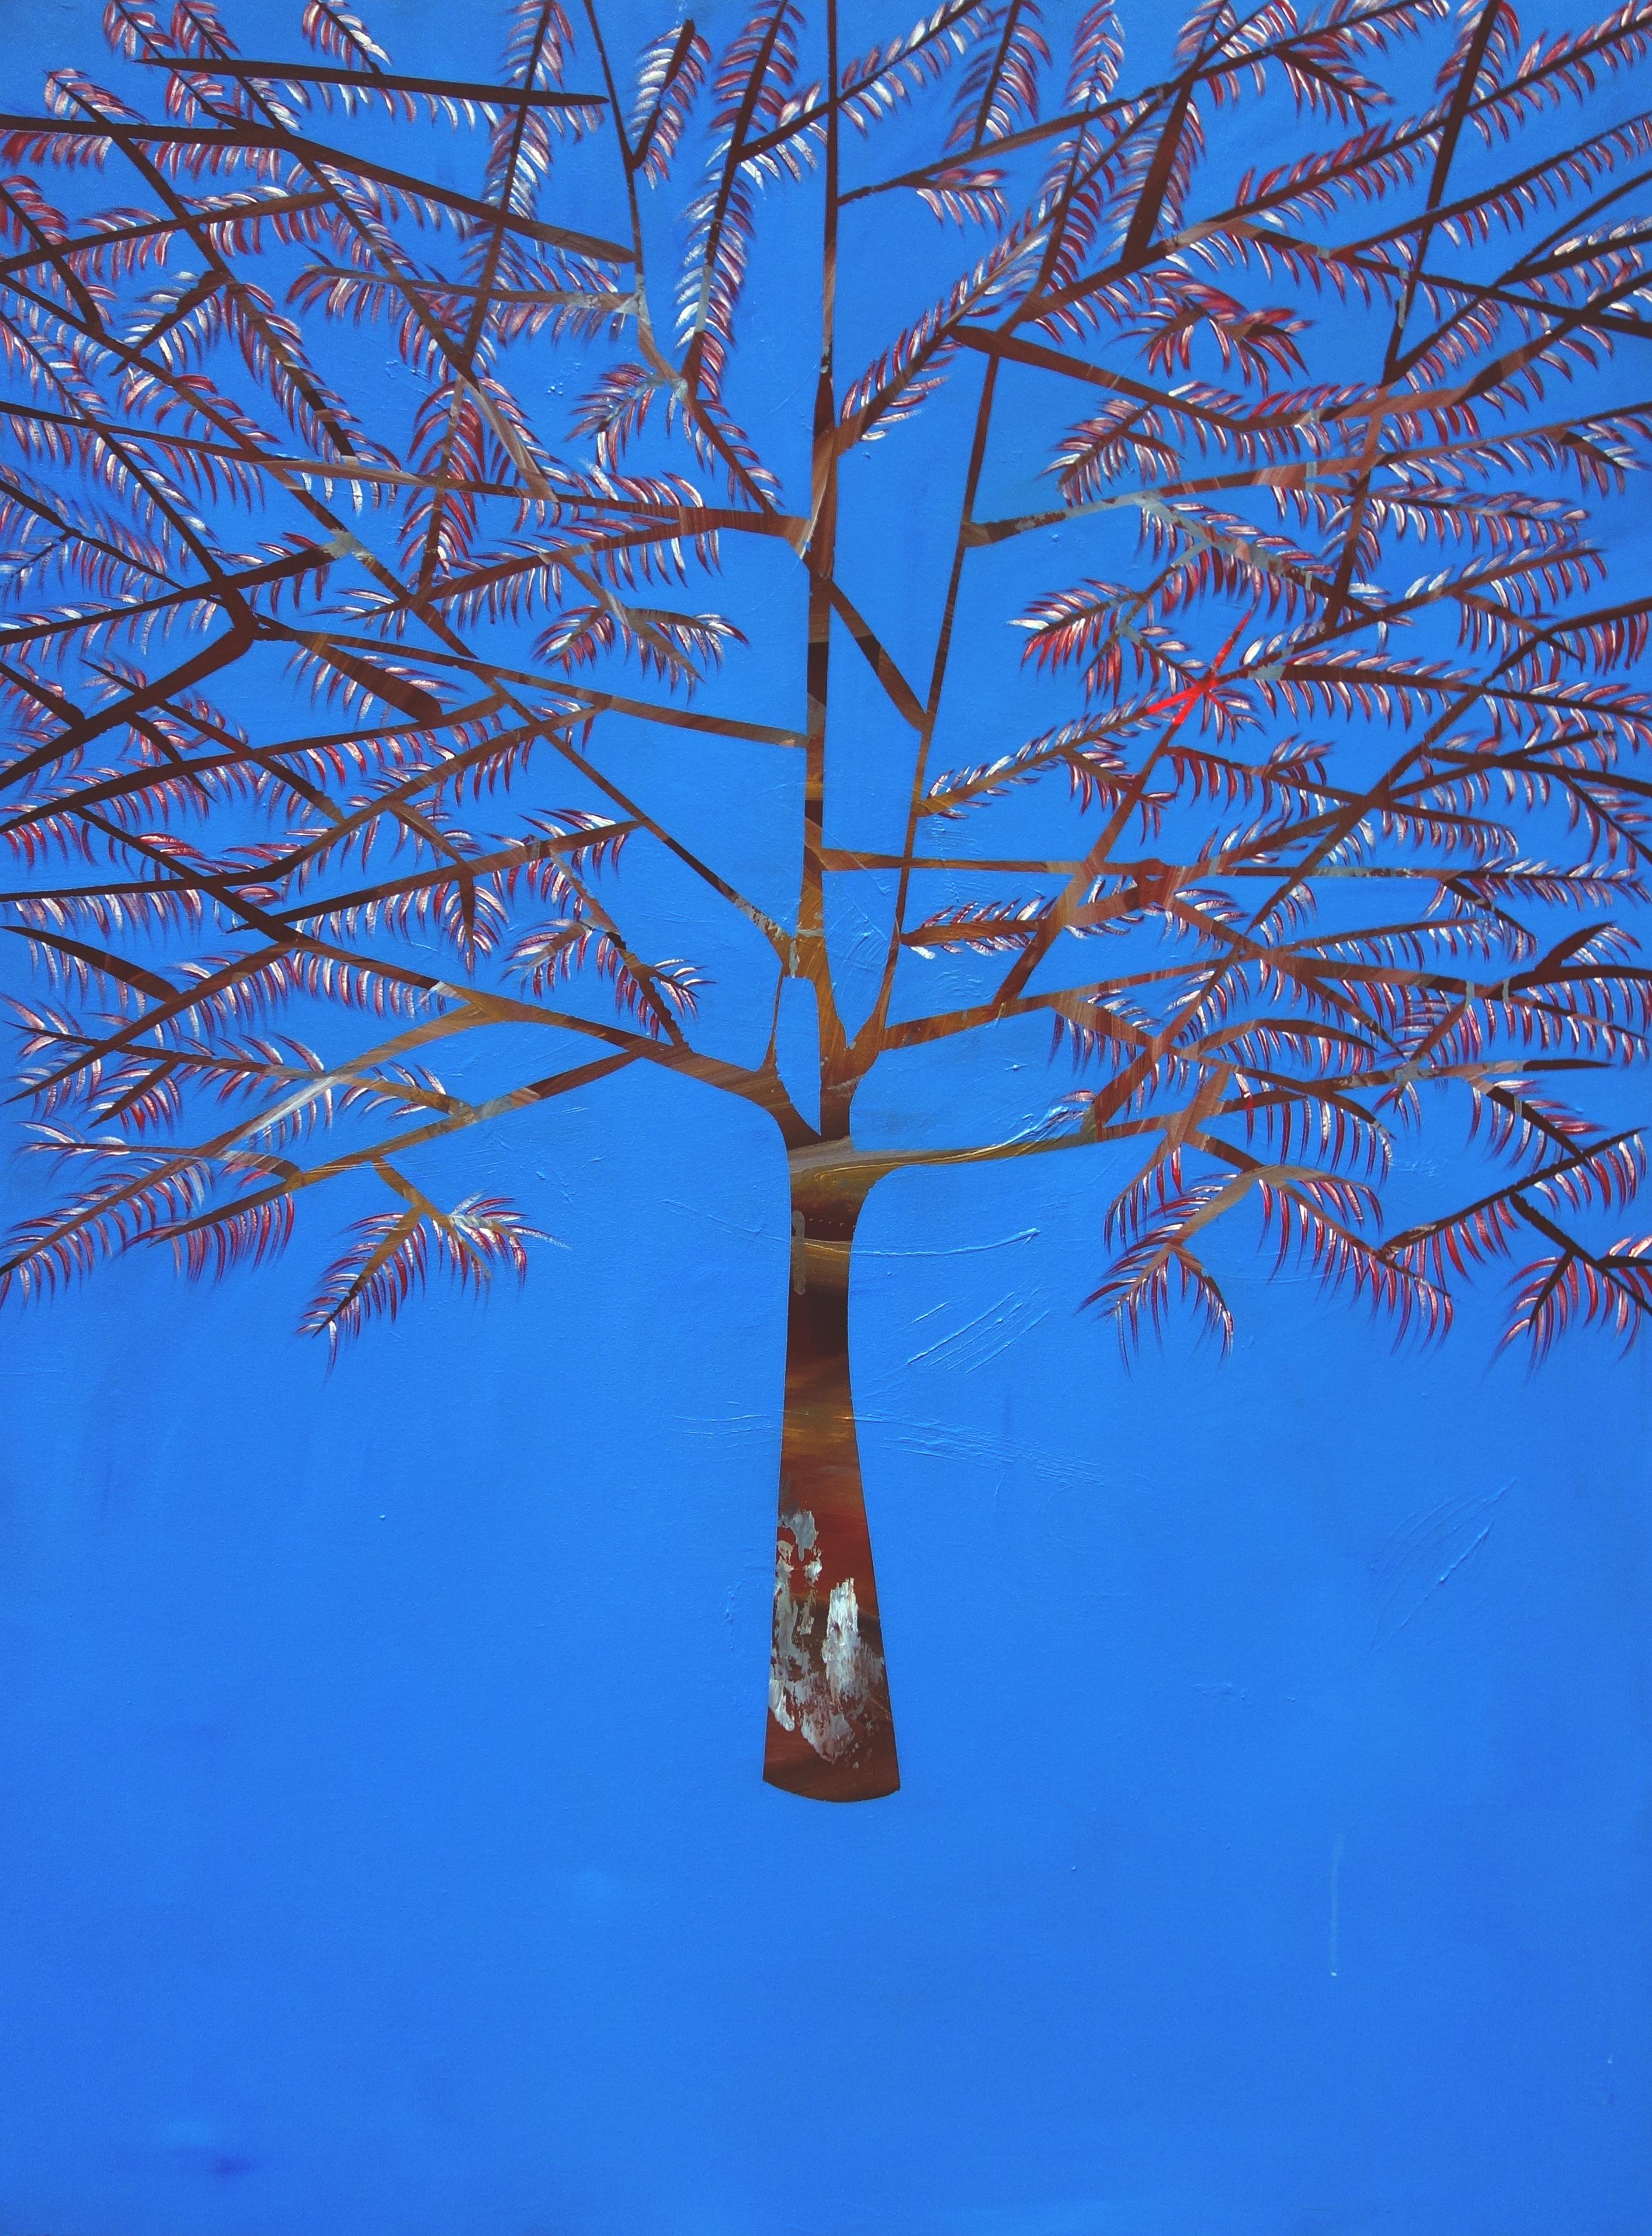 Laura Garcia-Karras, Sans Titre (blue tree), 2017, Huile sur toile, 162 x 97 cm, Courtesy de l'artis